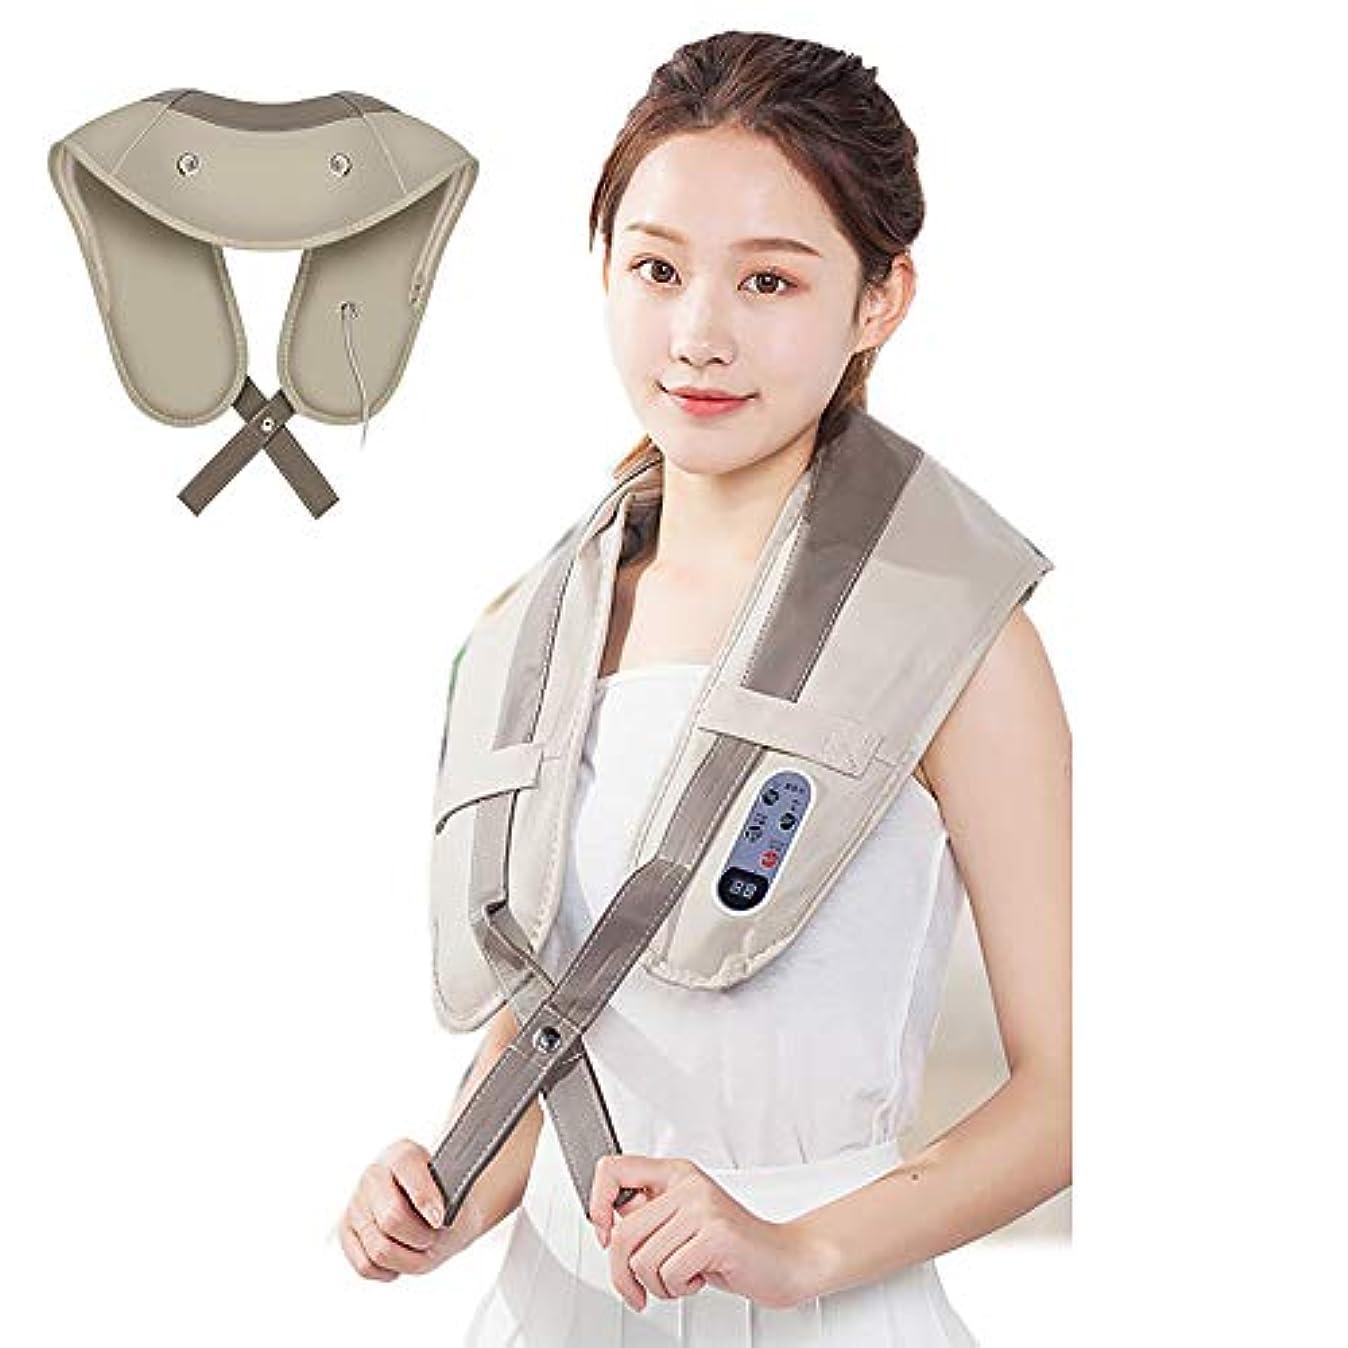 入場叫び声リー背中の痛みを軽減するための頸椎ウエストマッサージャーショール-肩のマッサージでポータブルバンギングピローバックマッサージャーベルト-フルボディマッサージャー